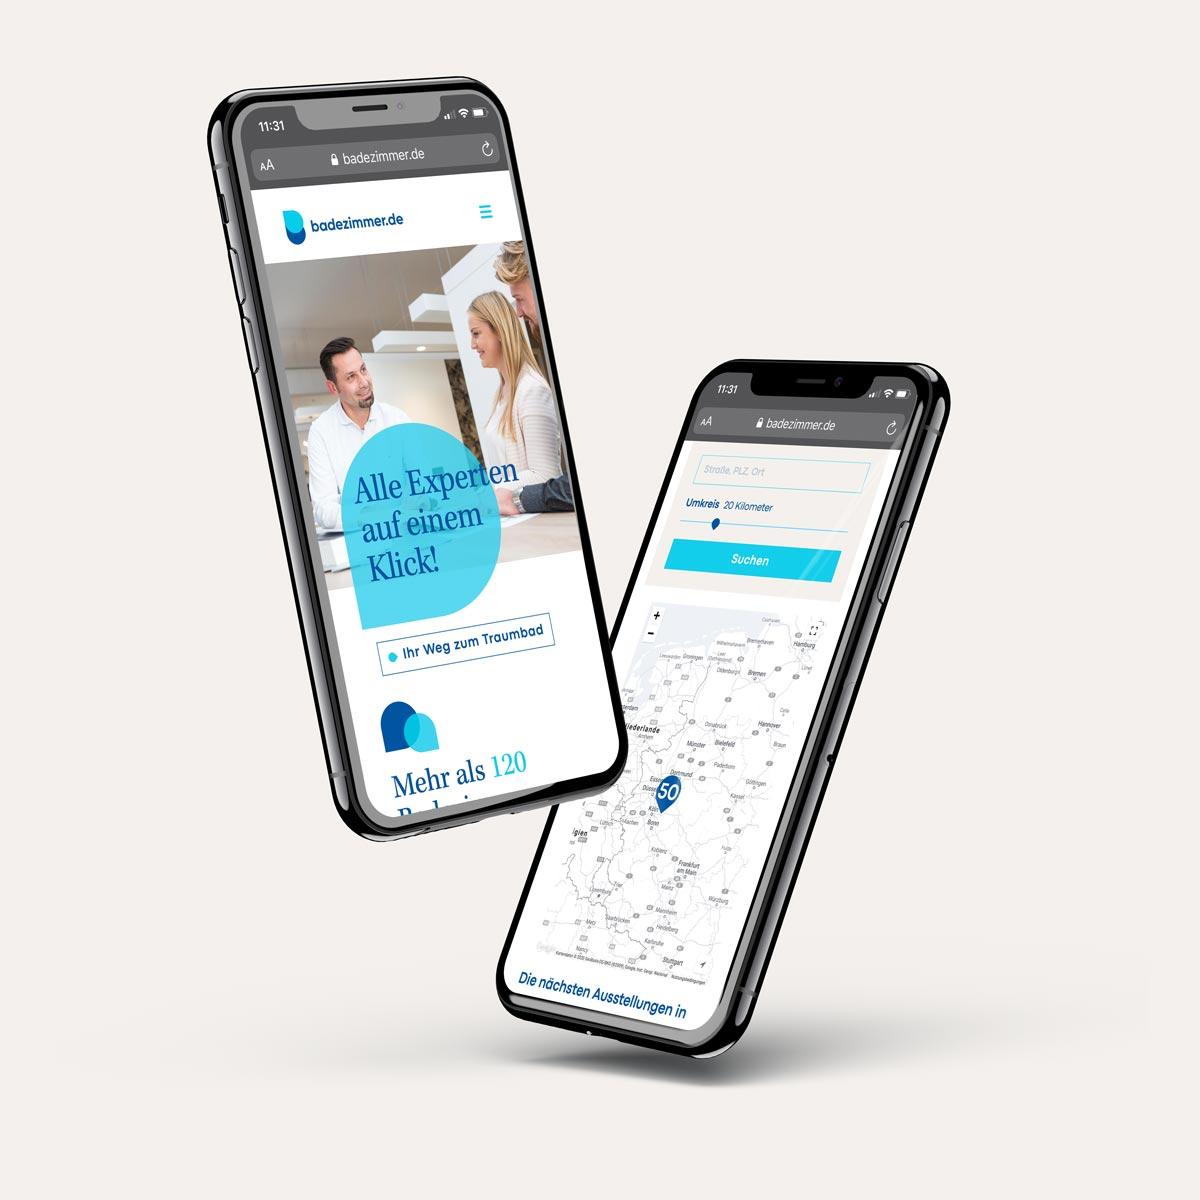 Zielführendes Webdesign für badezimmer.de auf Mobilgeräten